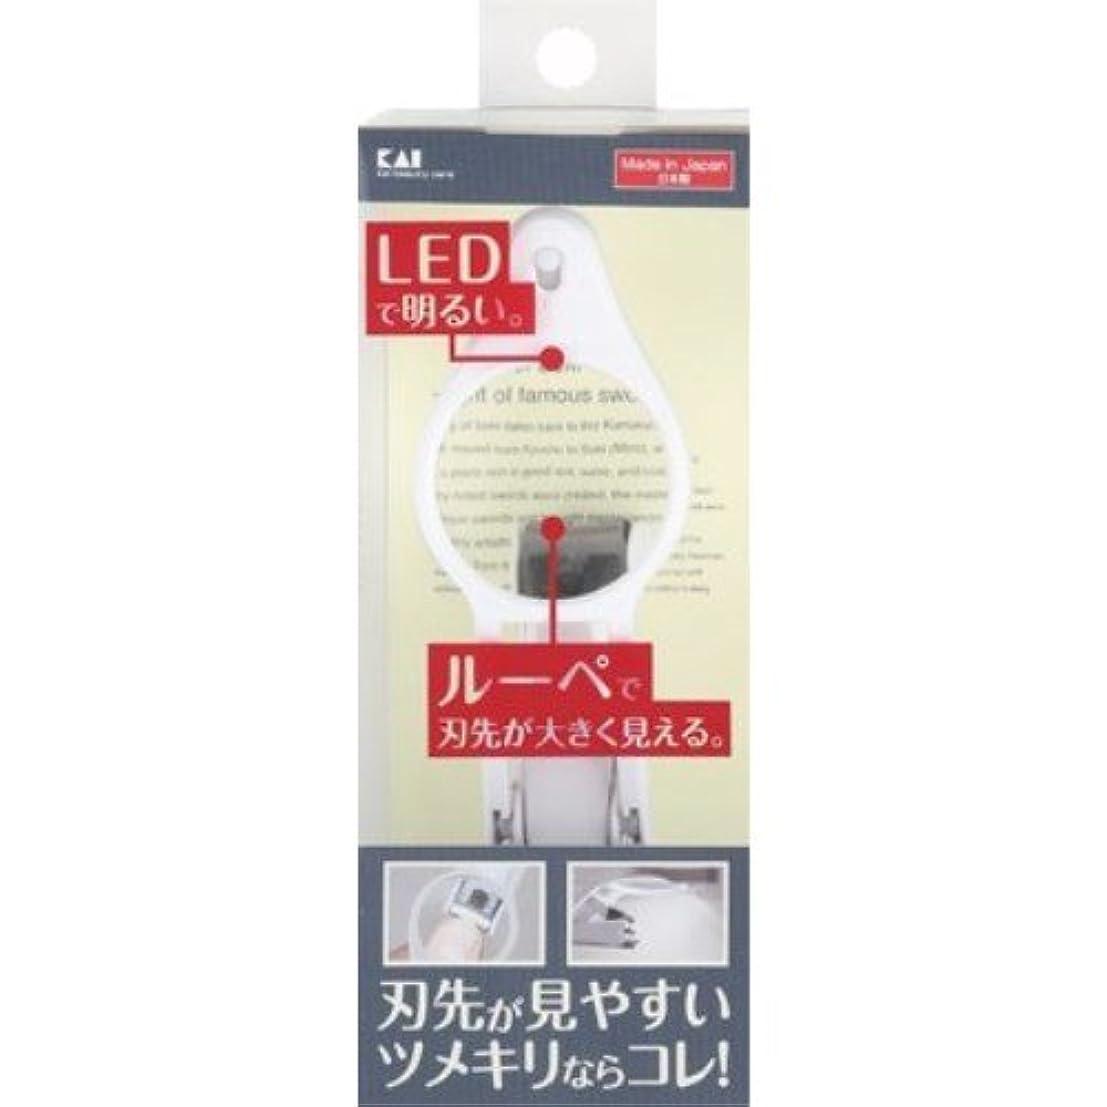 飛び込むジョイントゴシップ貝印 LEDルーペ付きツメキリ KQ0334